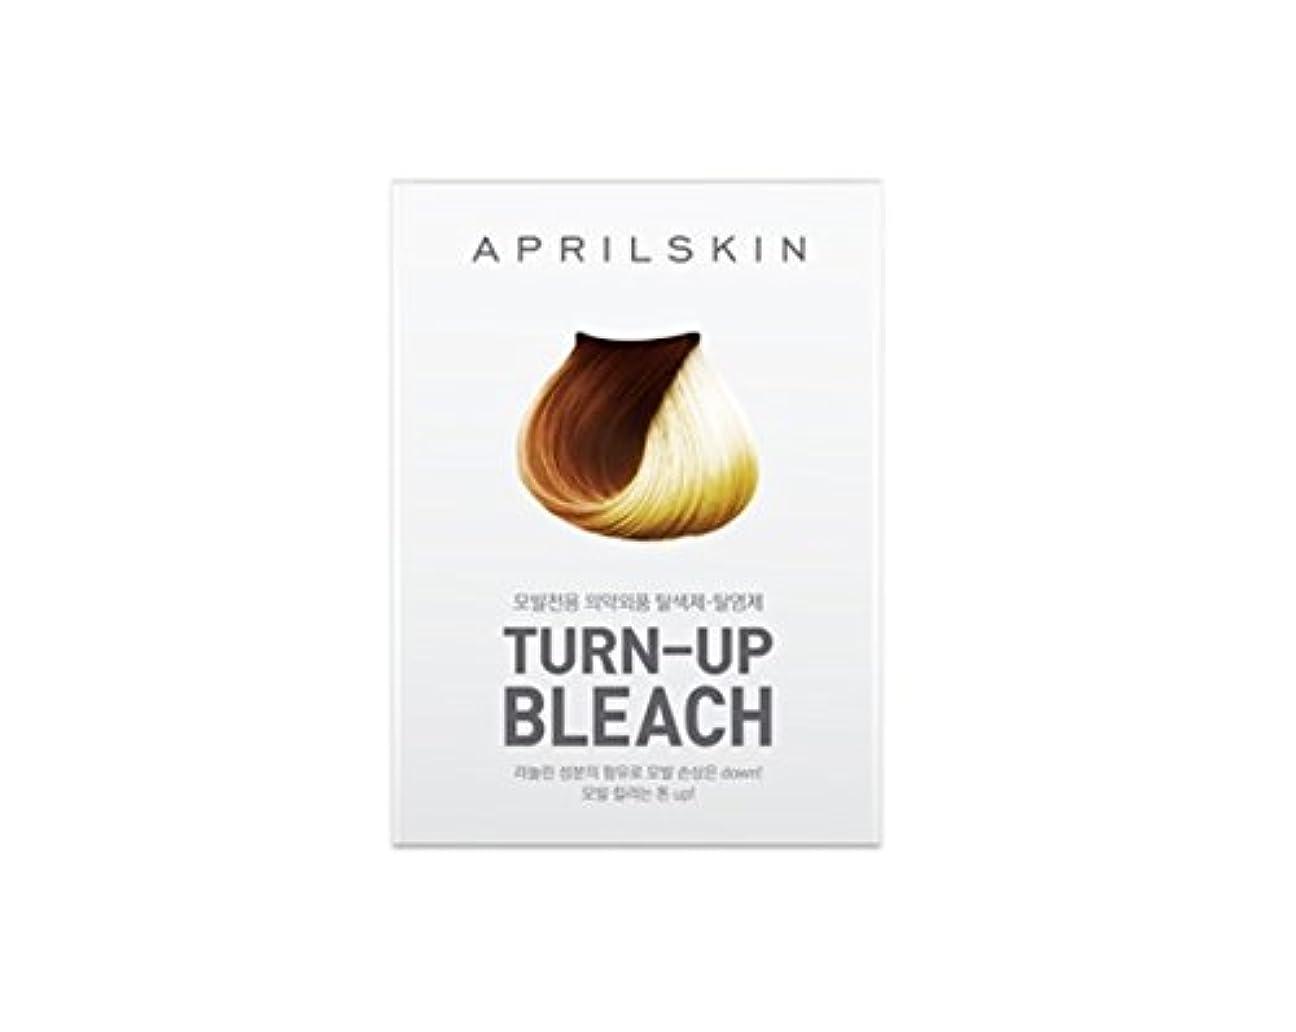 キャプション北米シャワーエープリル?スキン [韓国コスメ April Skin] 漂白ブリーチ(ヘアブリーチ)Turn Up Bleach (Hair Bleach) [海外直送品]